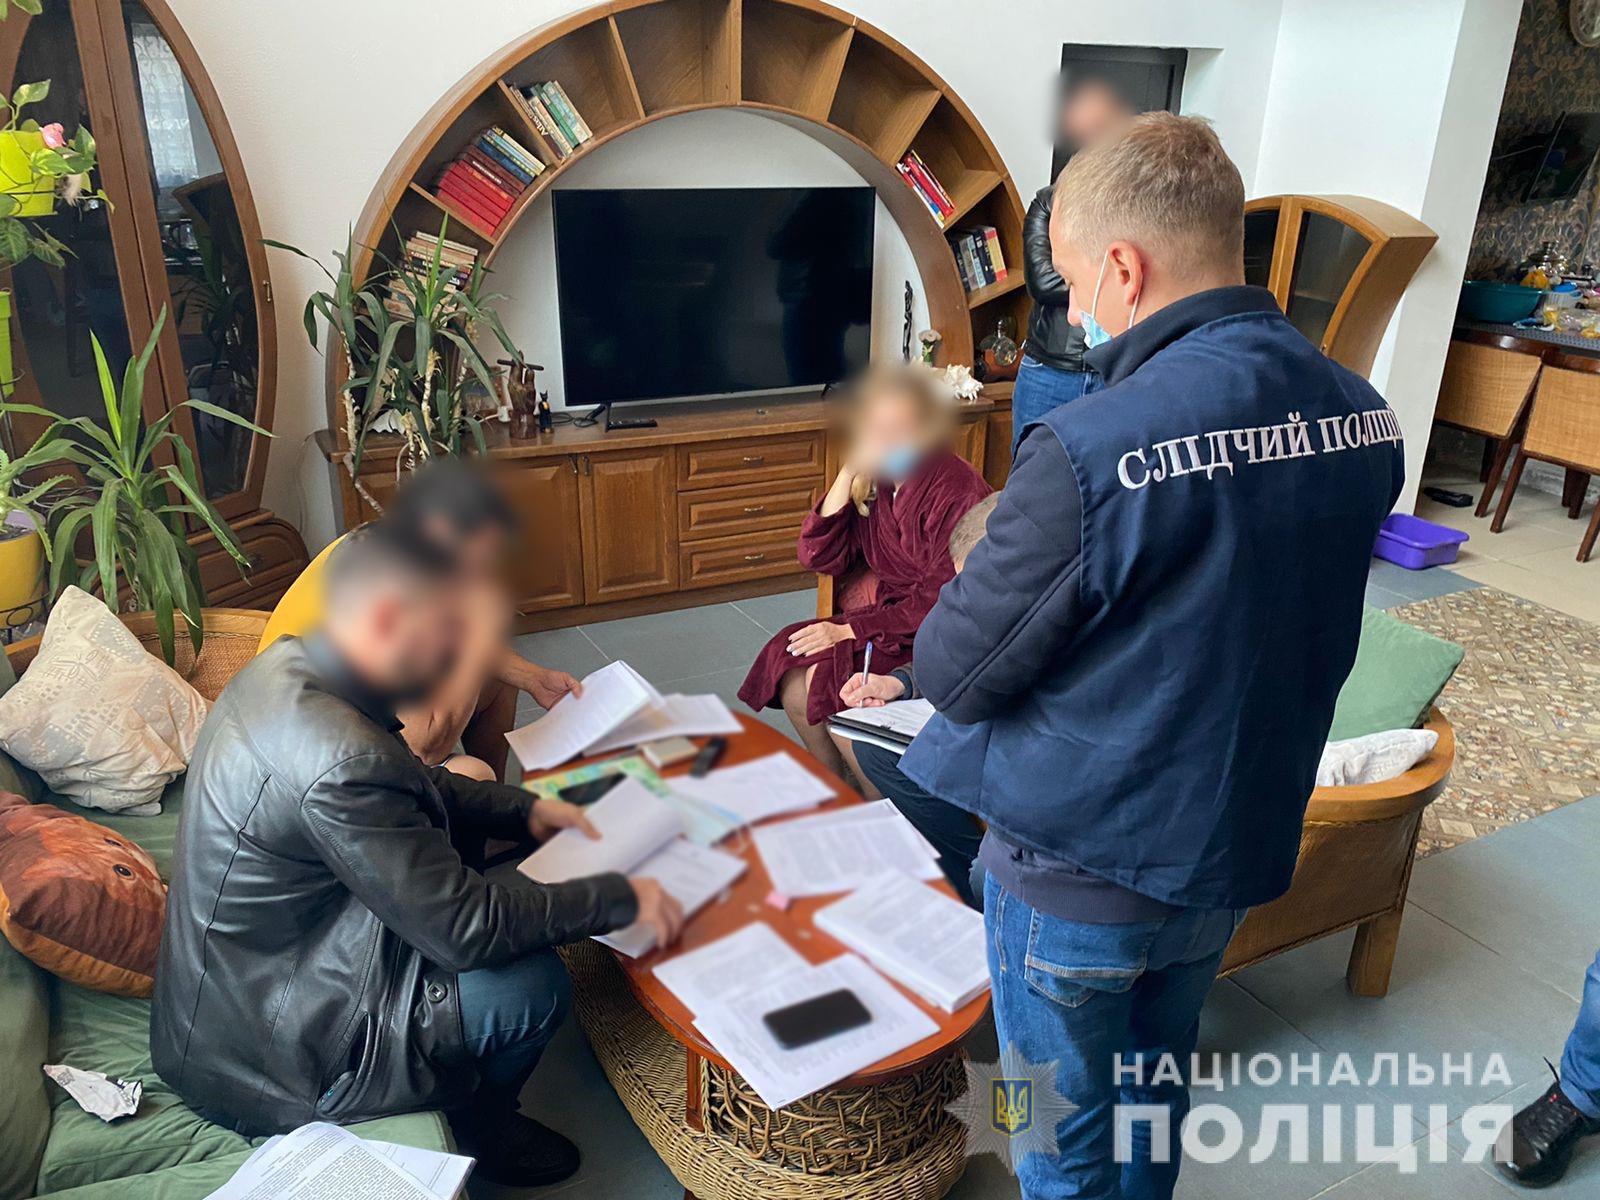 Троих харьковчан подозревают в хищении 9 млн грн бюджетных средств